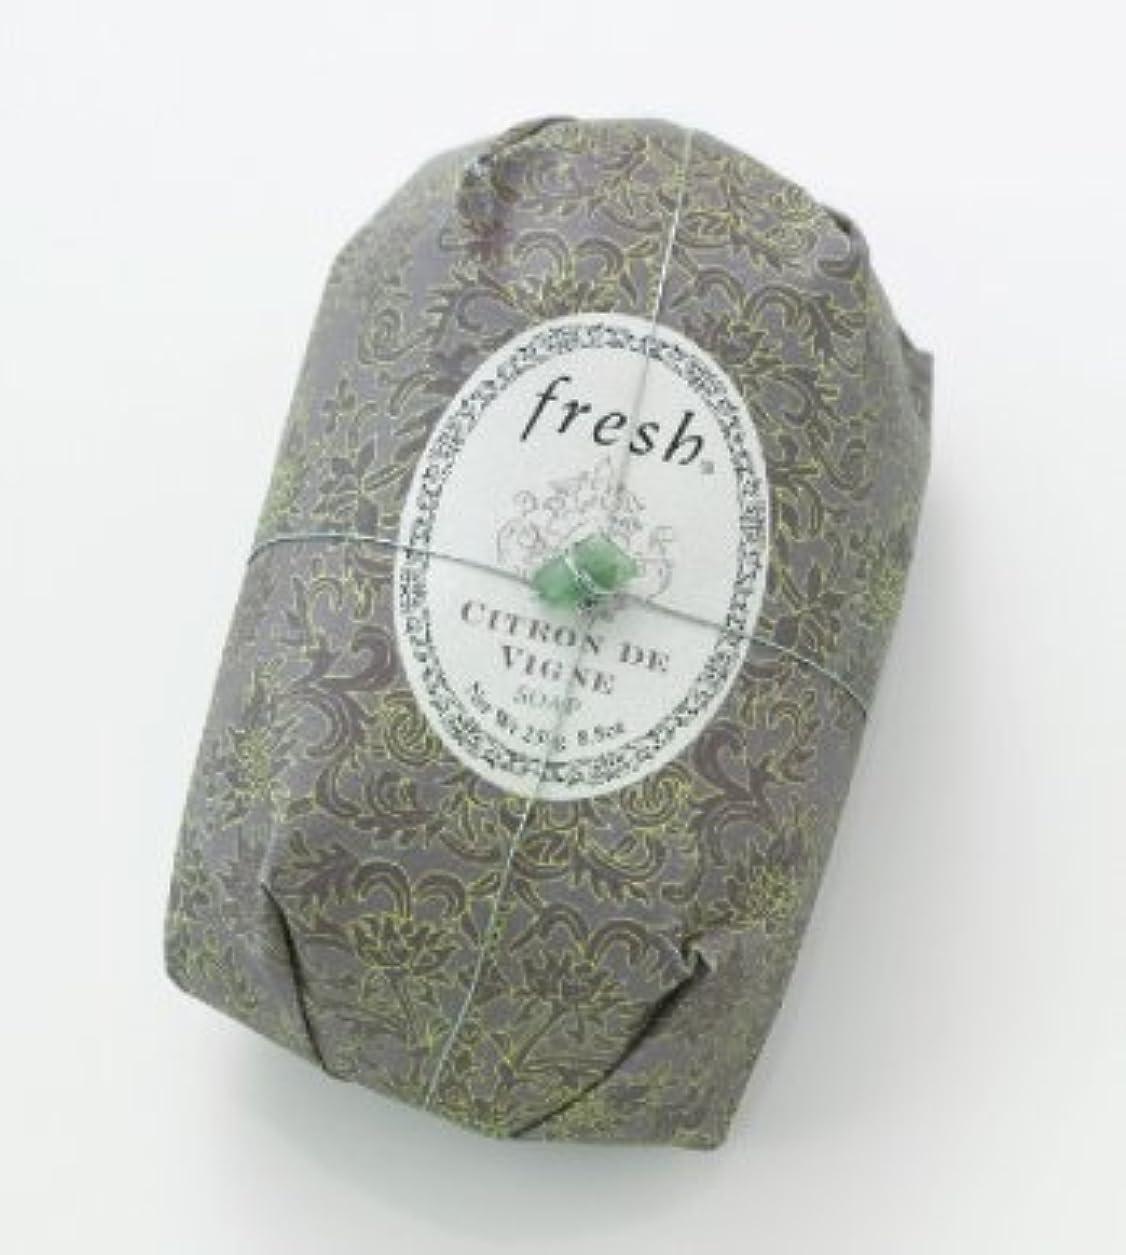 障害ルート驚いたFresh CITRON DE VIGNE SOAP (フレッシュ シトロンデヴァイン ソープ) 8.8 oz (250g) Soap (石鹸) by Fresh